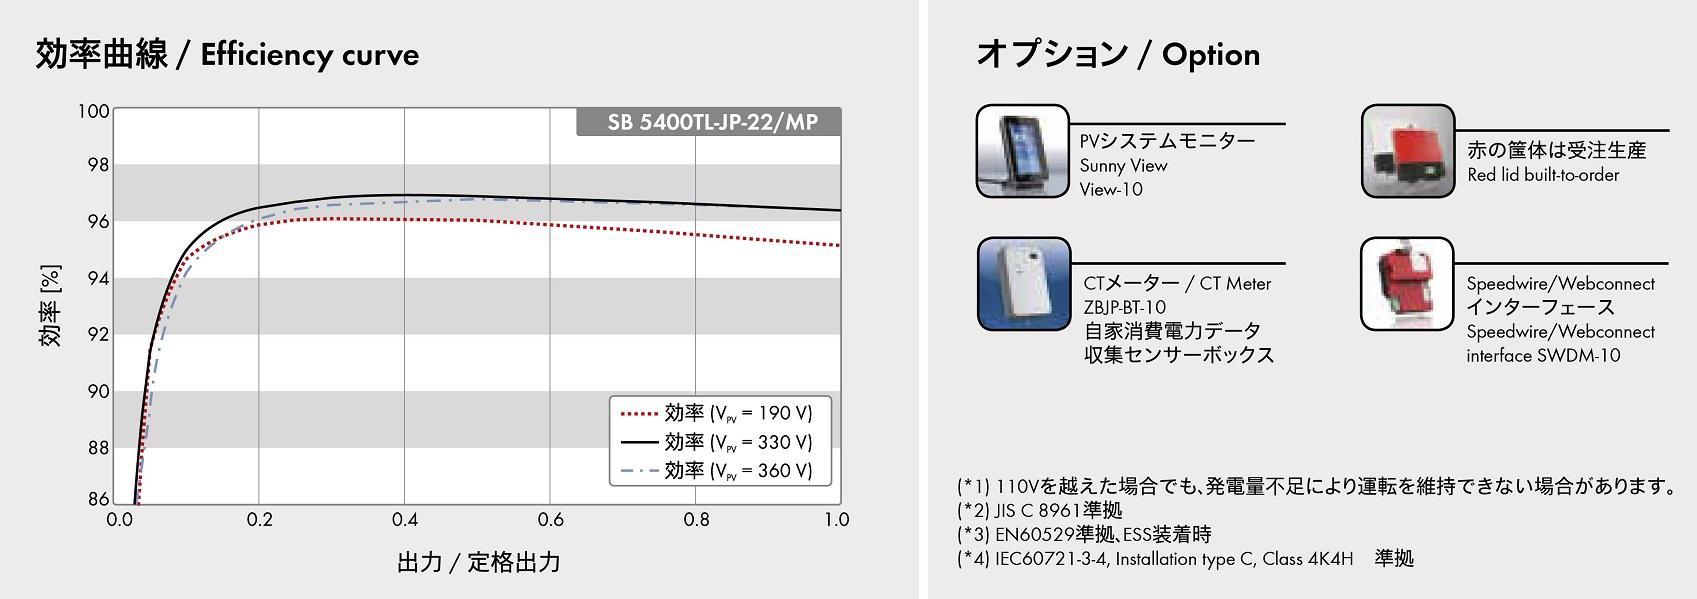 【単相5.4kW】SMA パワコン SB5400TL-JP-22/MP パワーコンディショナー